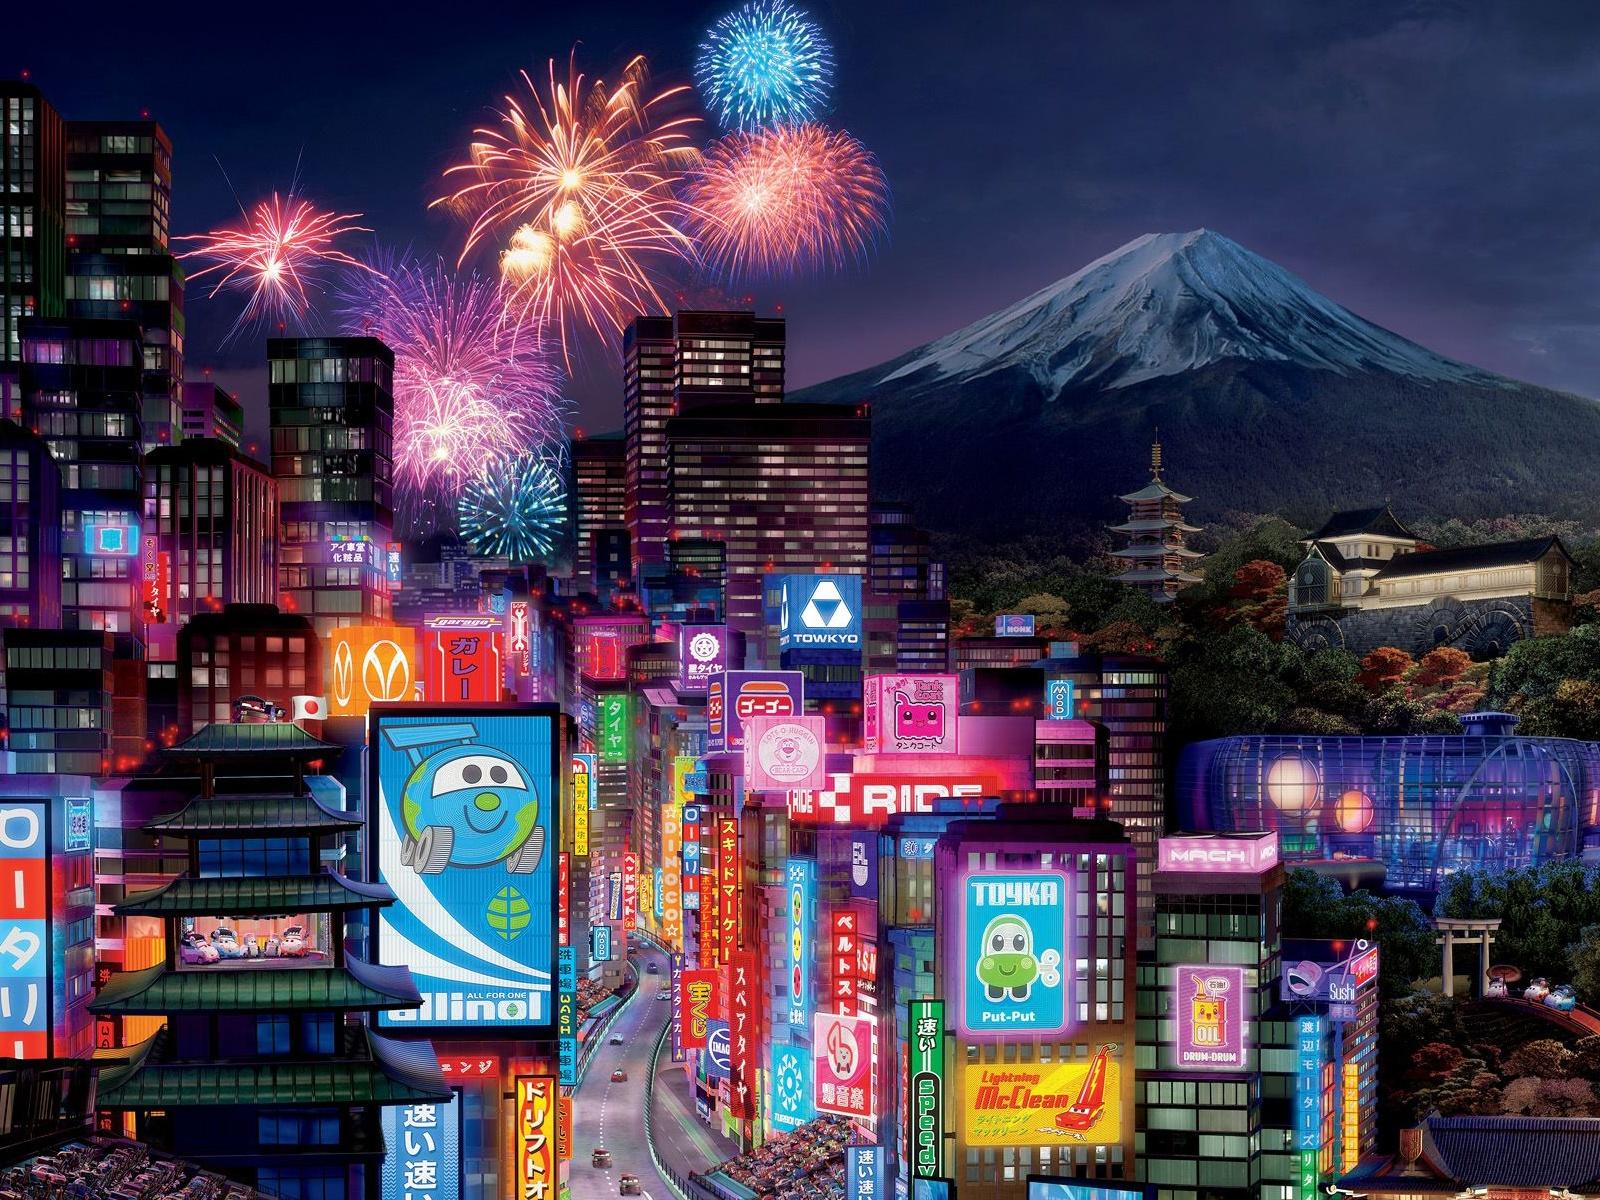 http://3.bp.blogspot.com/-uvax9fLvssQ/TpWBAbHl2AI/AAAAAAAAAtI/J2CaMO6xKYo/s1600/Cars-2-Tokyo-City-1600x1200.jpg